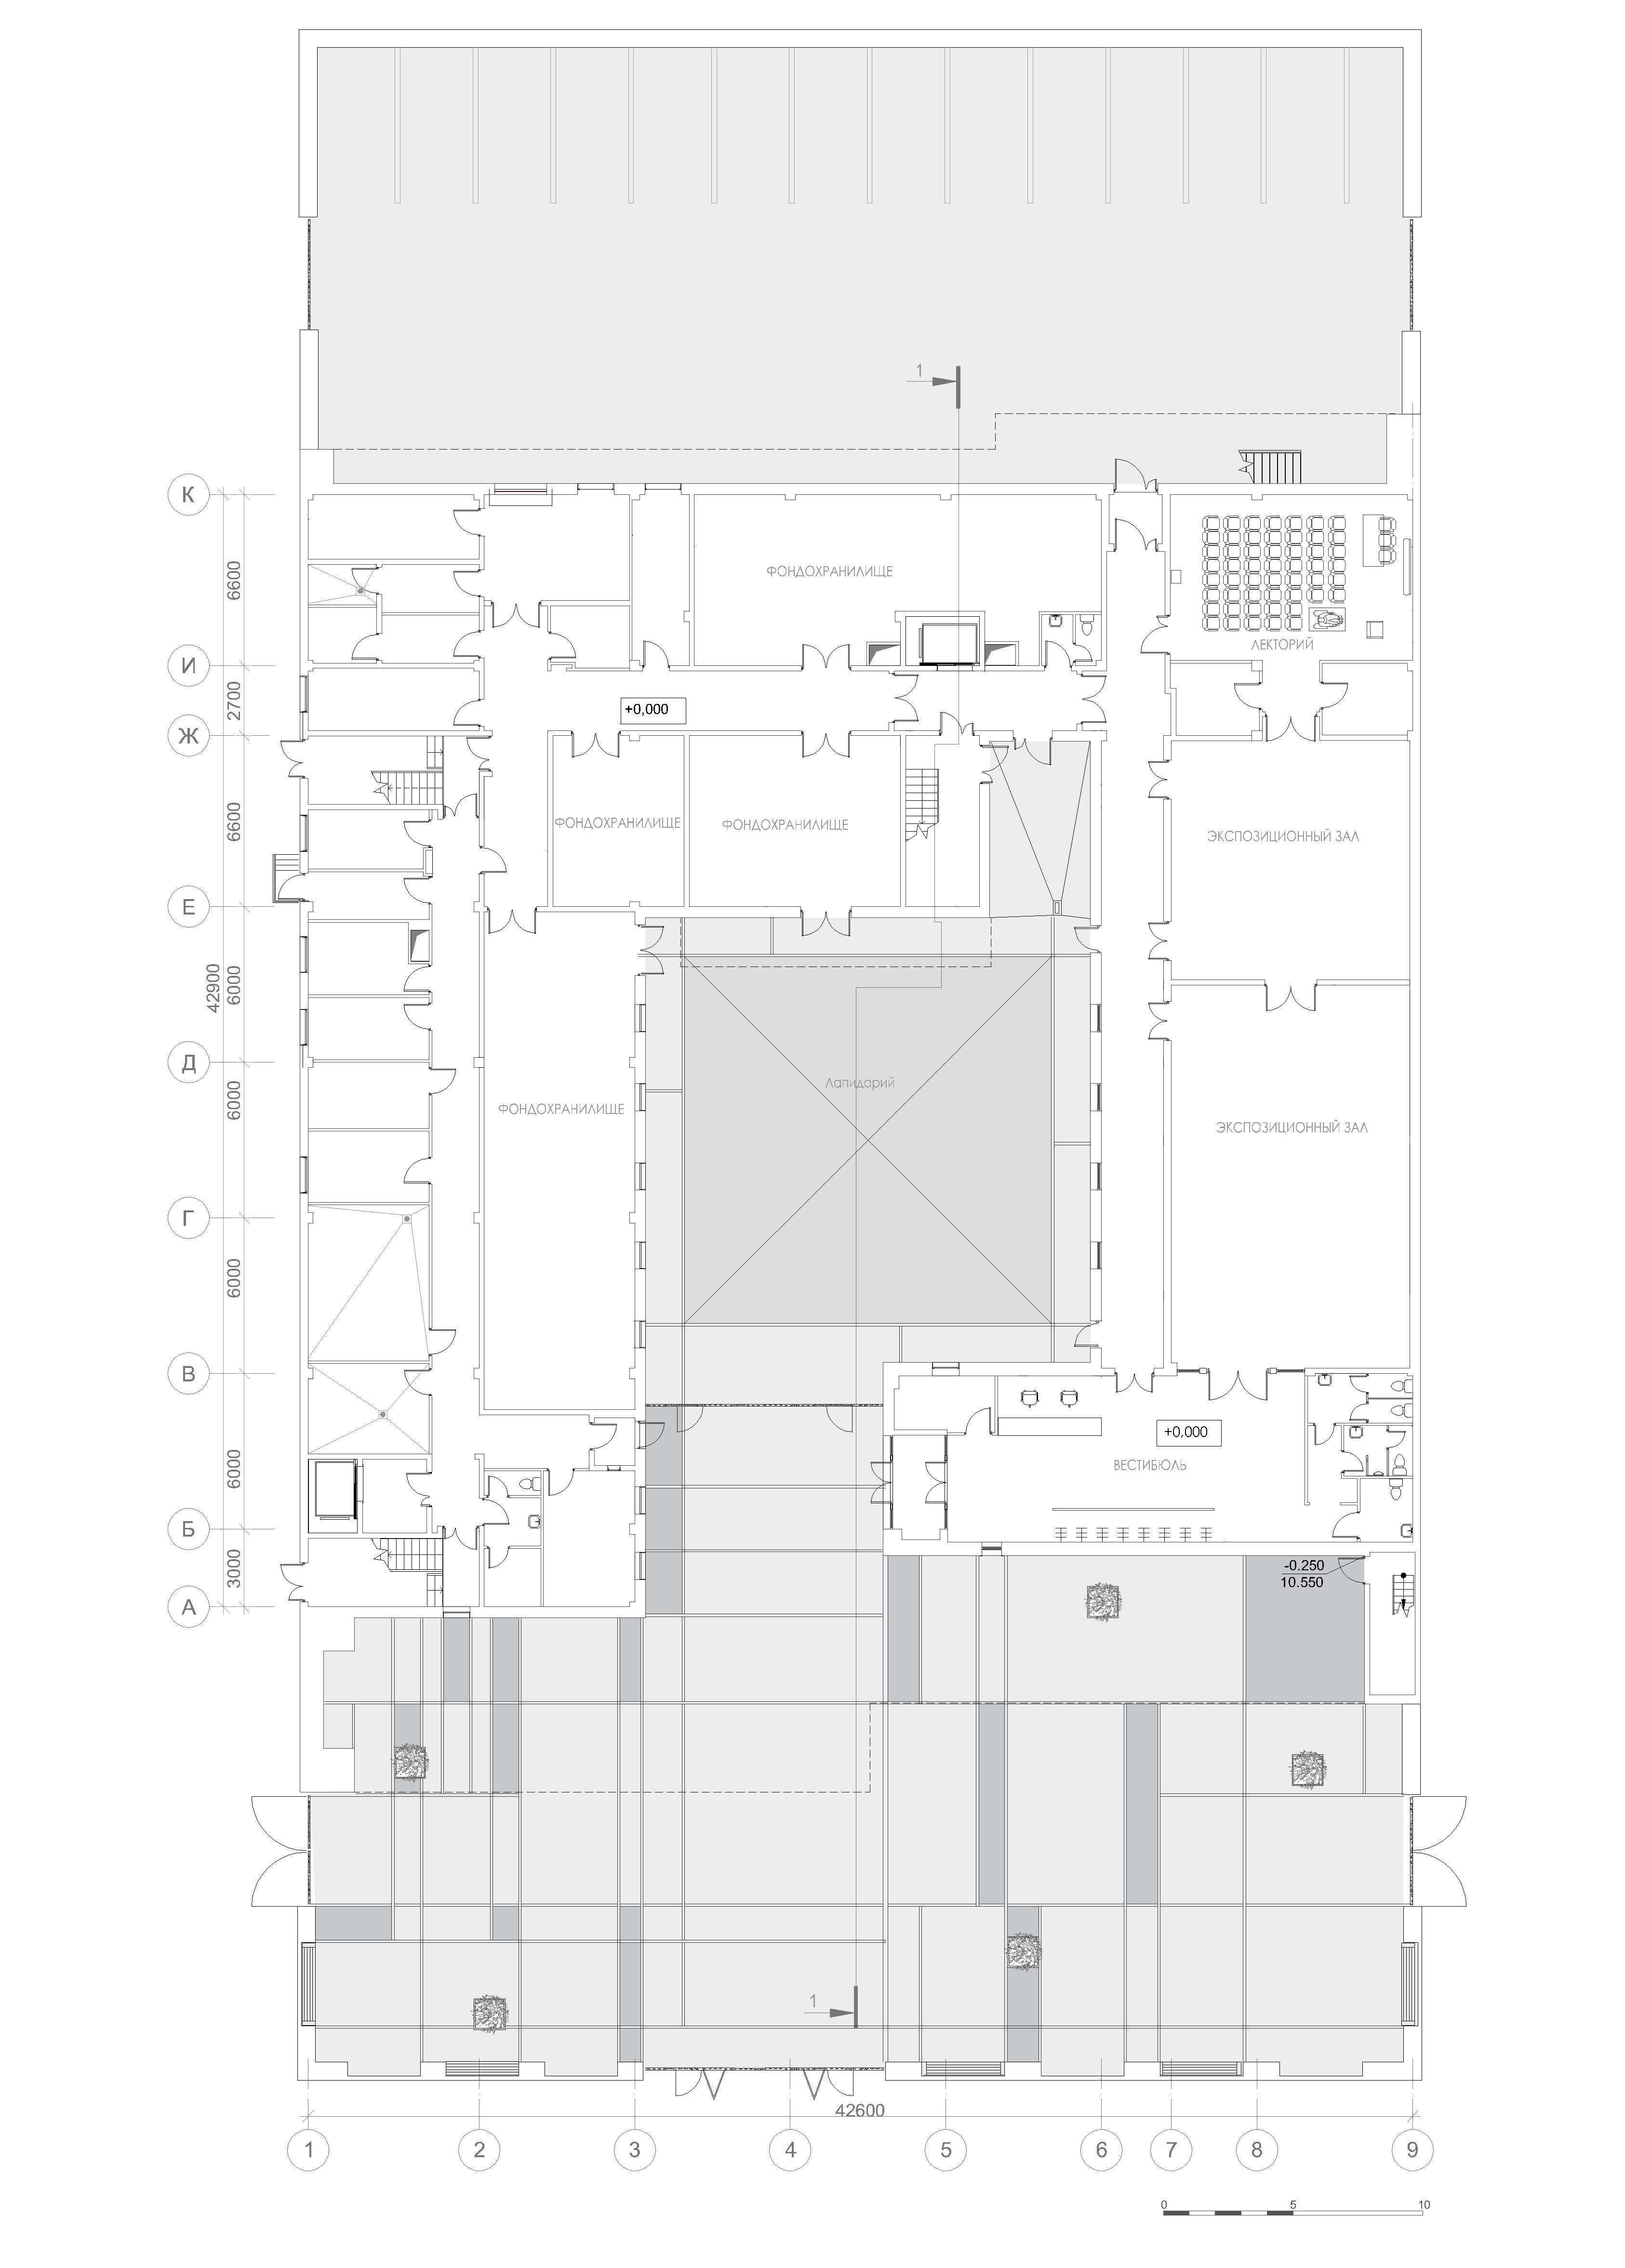 Фондохранилище Государственного историко-археологического музея-заповедника «Херсонес Таврический»